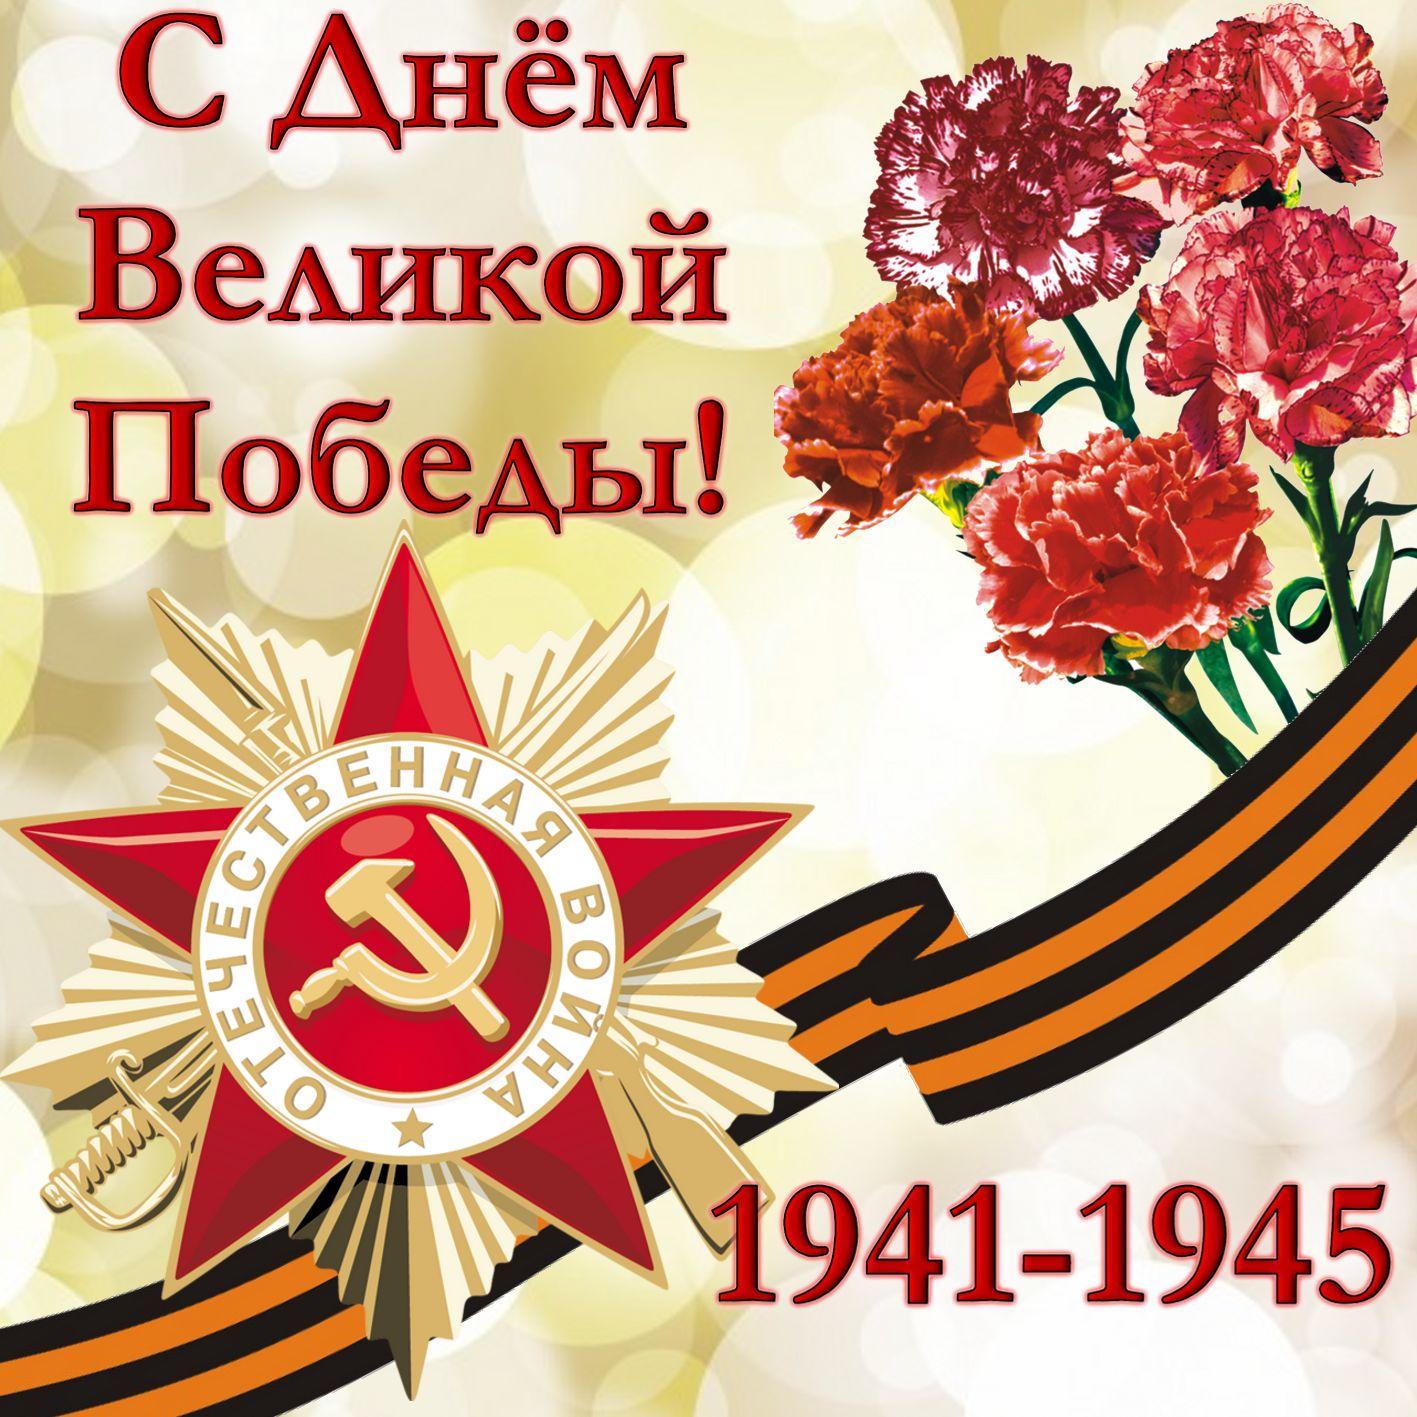 Открытки с праздником с днем победы, поздравления